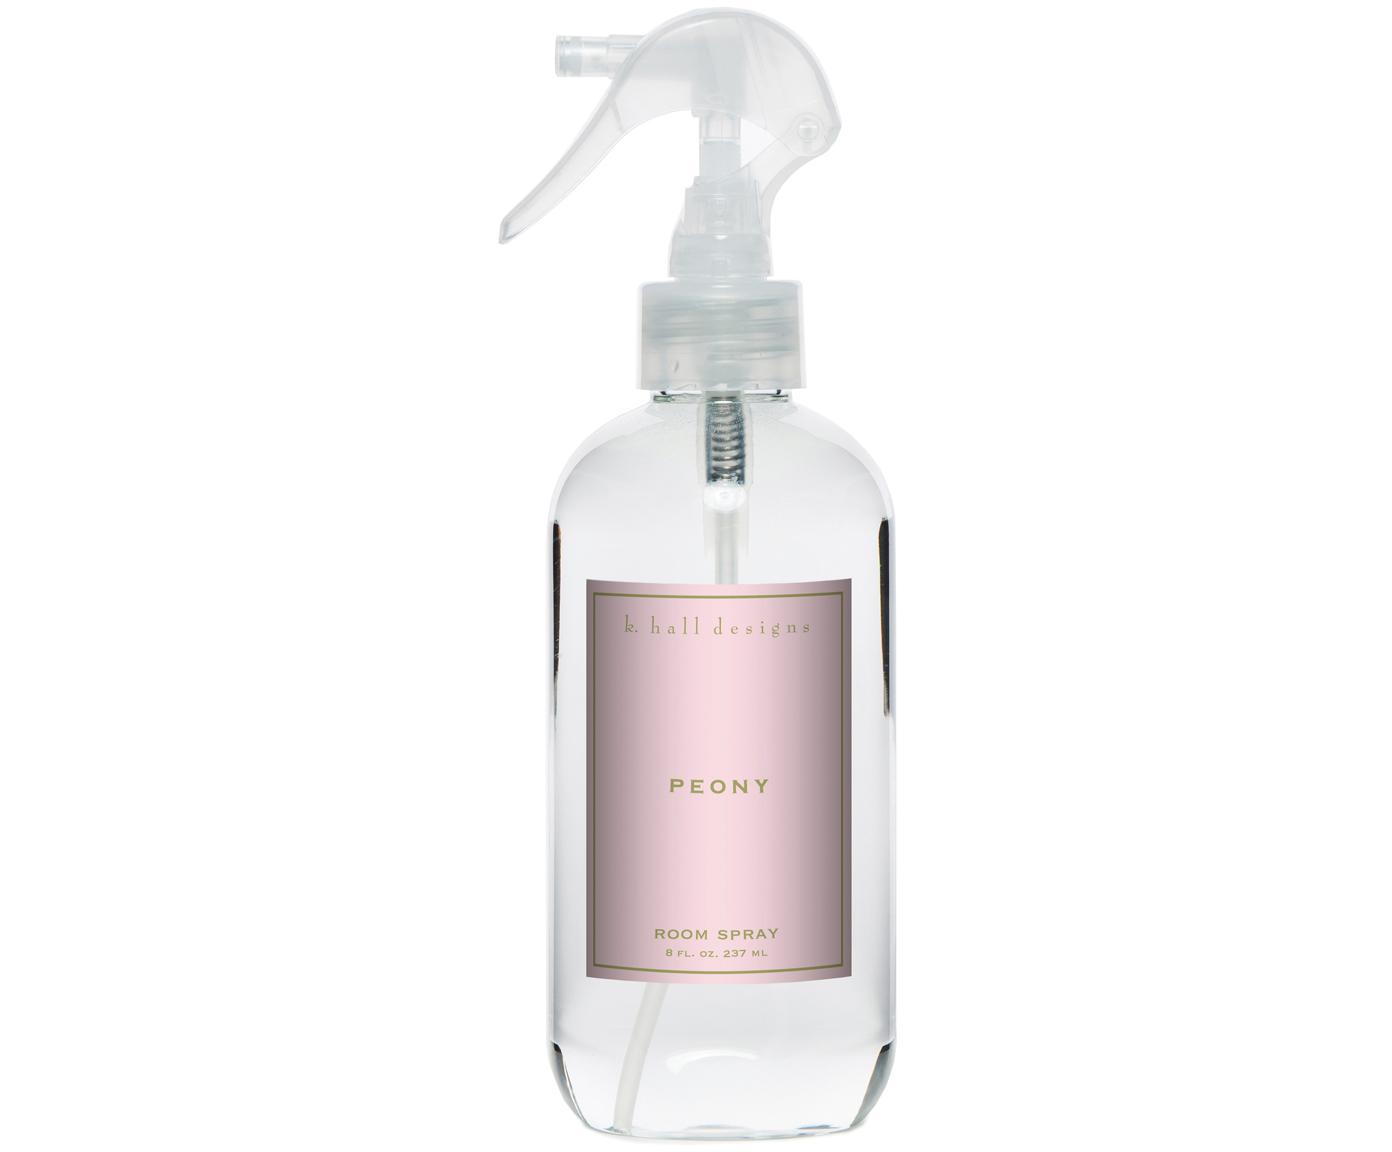 Spray per ambienti Peony (fragranze di fiori), Trasparente, Ø 5 x Alt. 24 cm